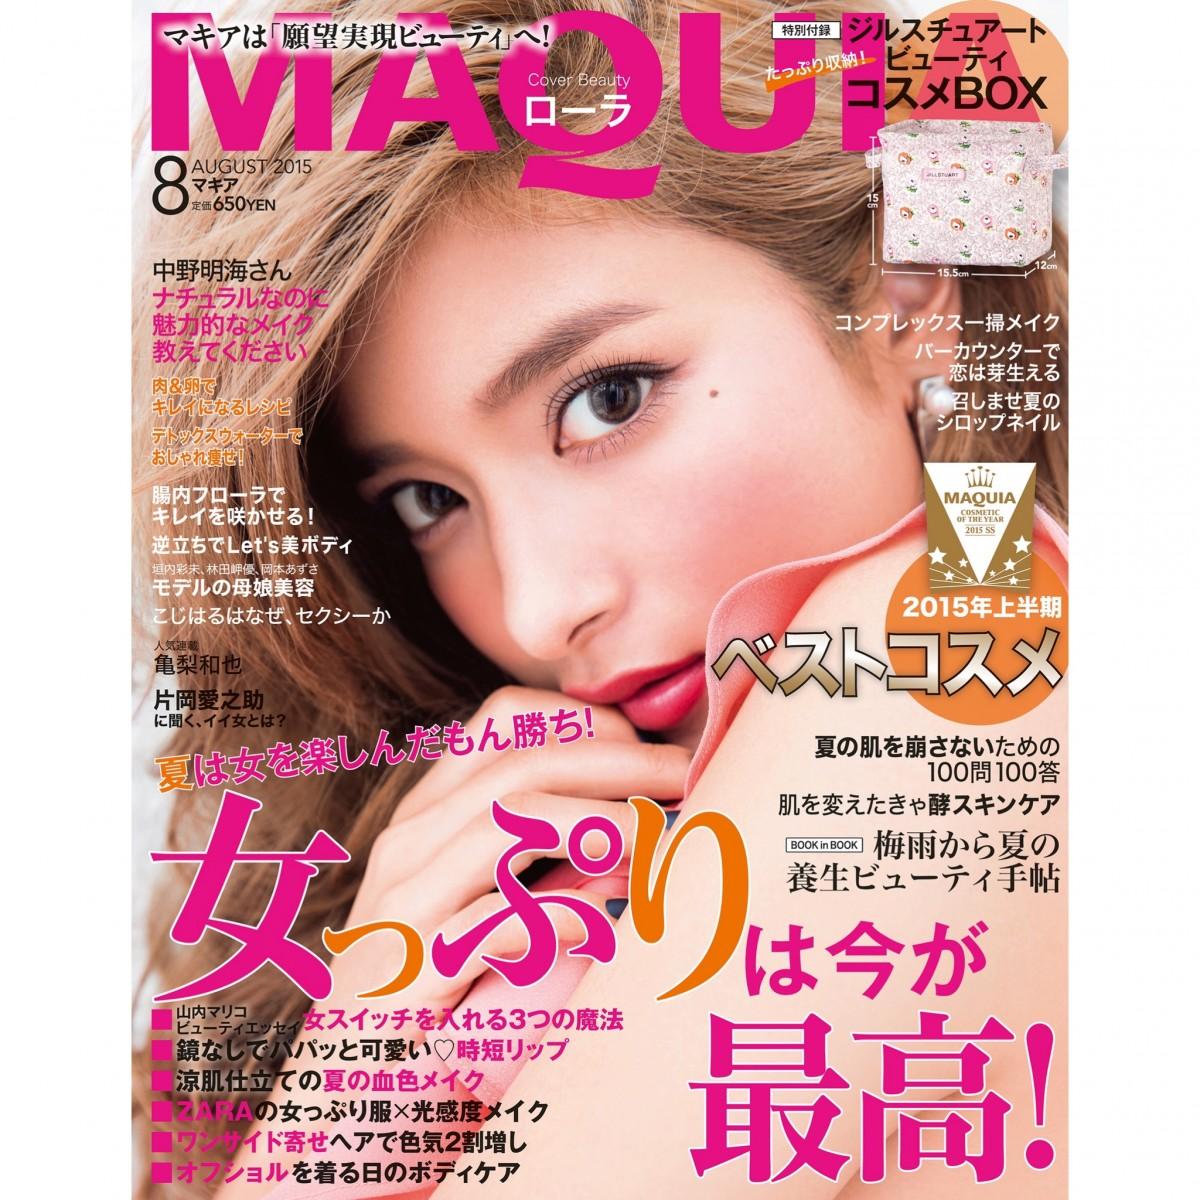 マキア8月号、一部地域で本日発売です!表紙は女っぷり最高のローラさん!